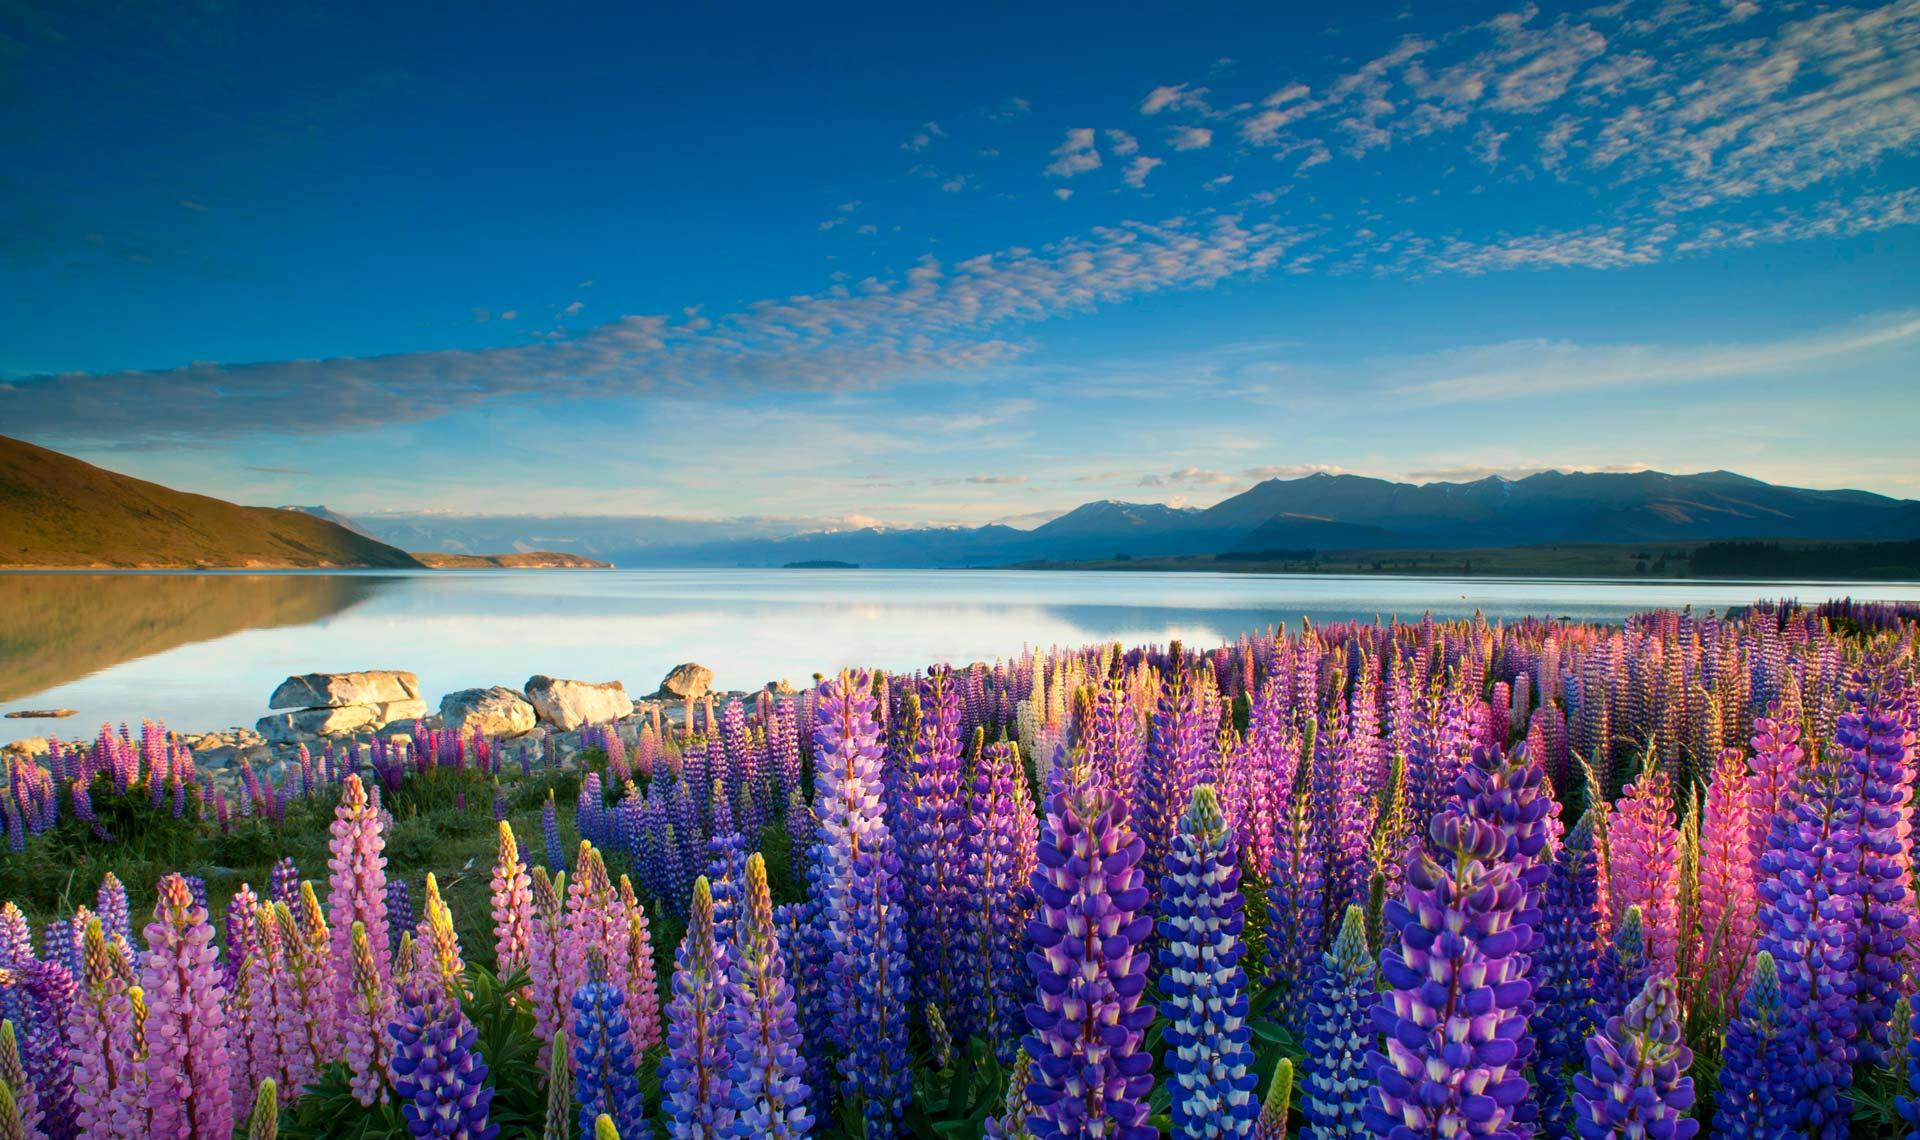 Lake Tekapo is only 45 minutes away......